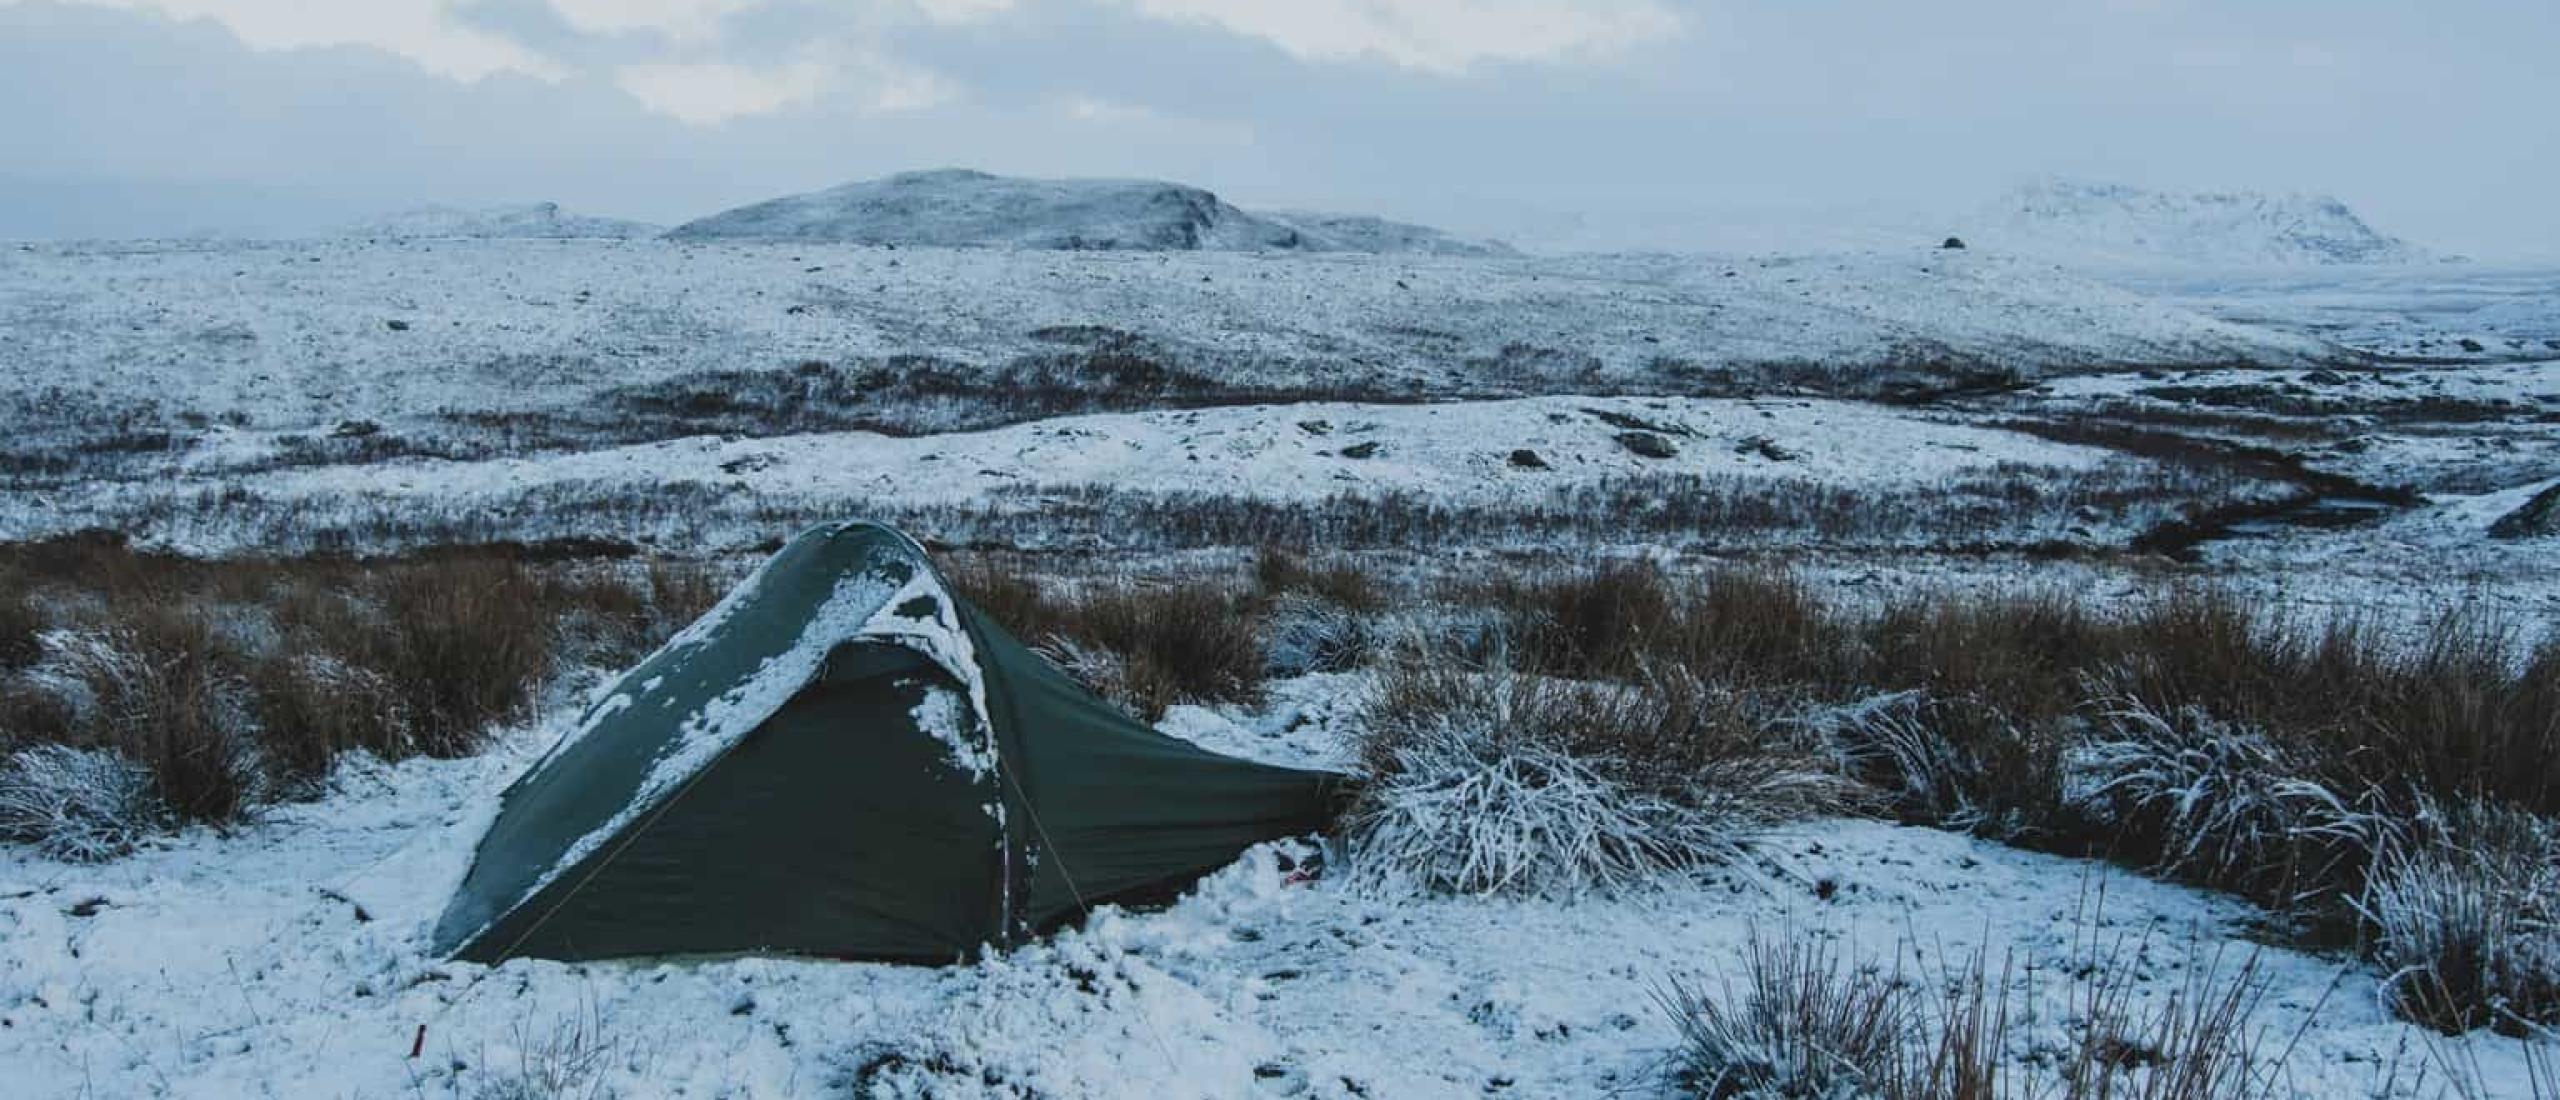 's Nachts warm blijven in je tent: 10 tips